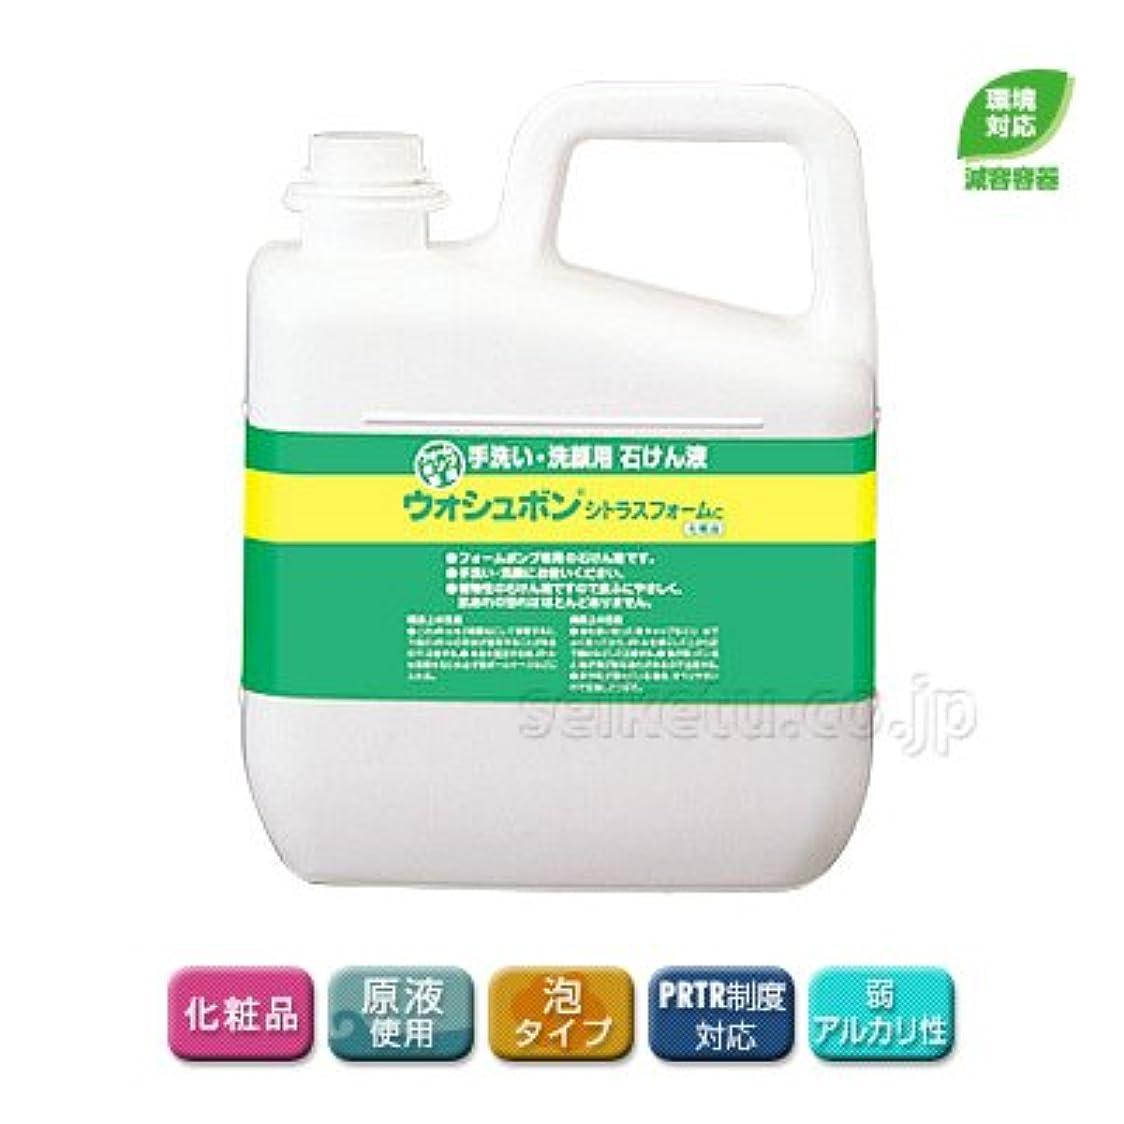 責める承認する衝動【清潔キレイ館】サラヤ ウォシュボンシトラスフォームC(5kg)